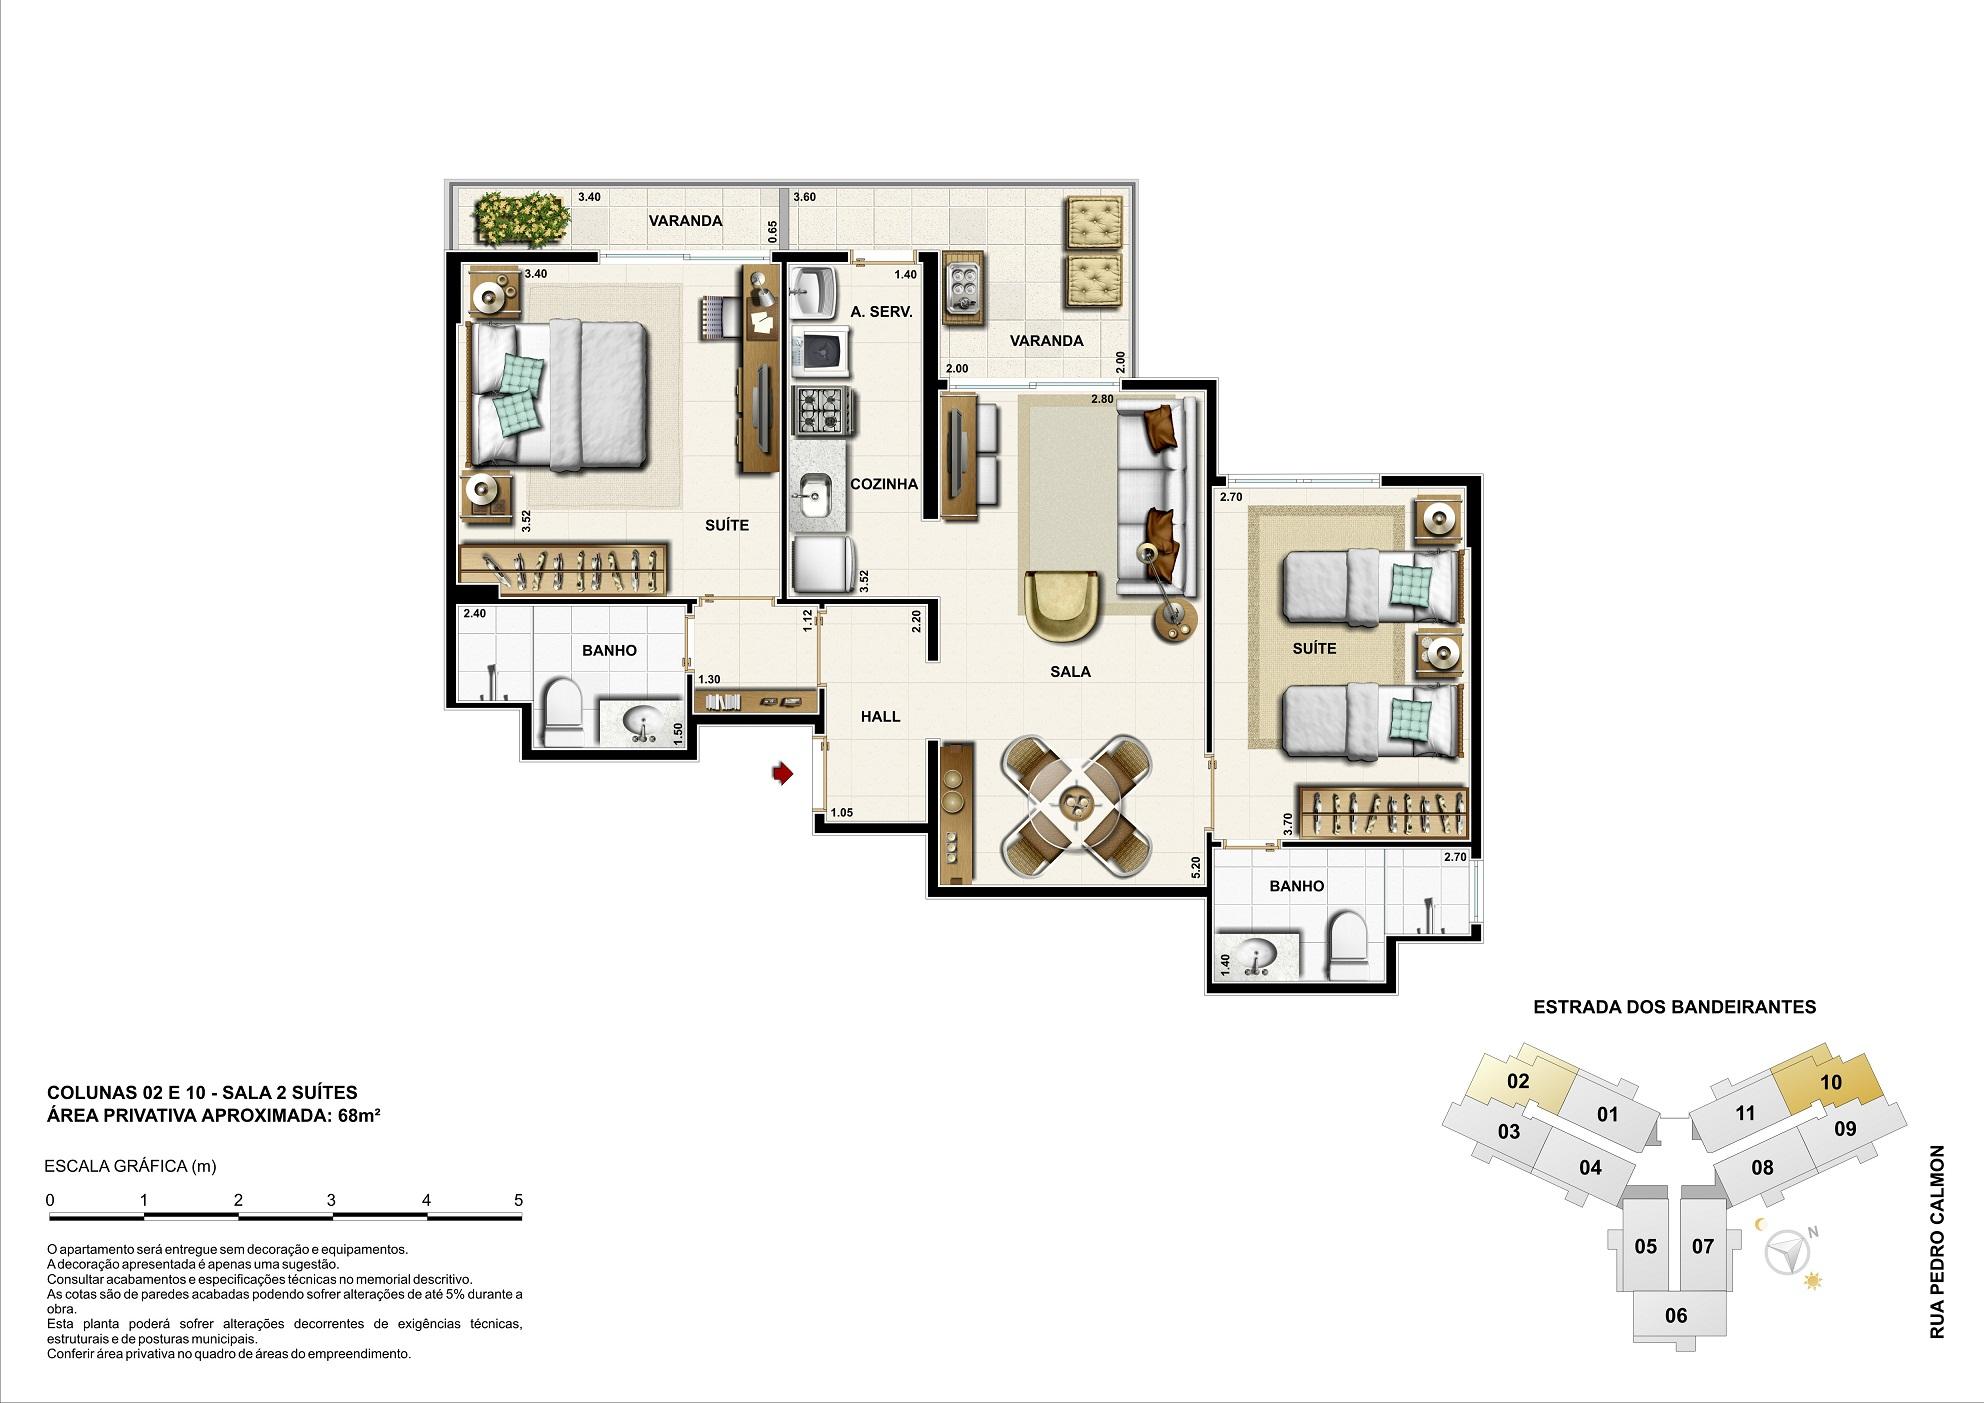 Opção residencial - 68m²